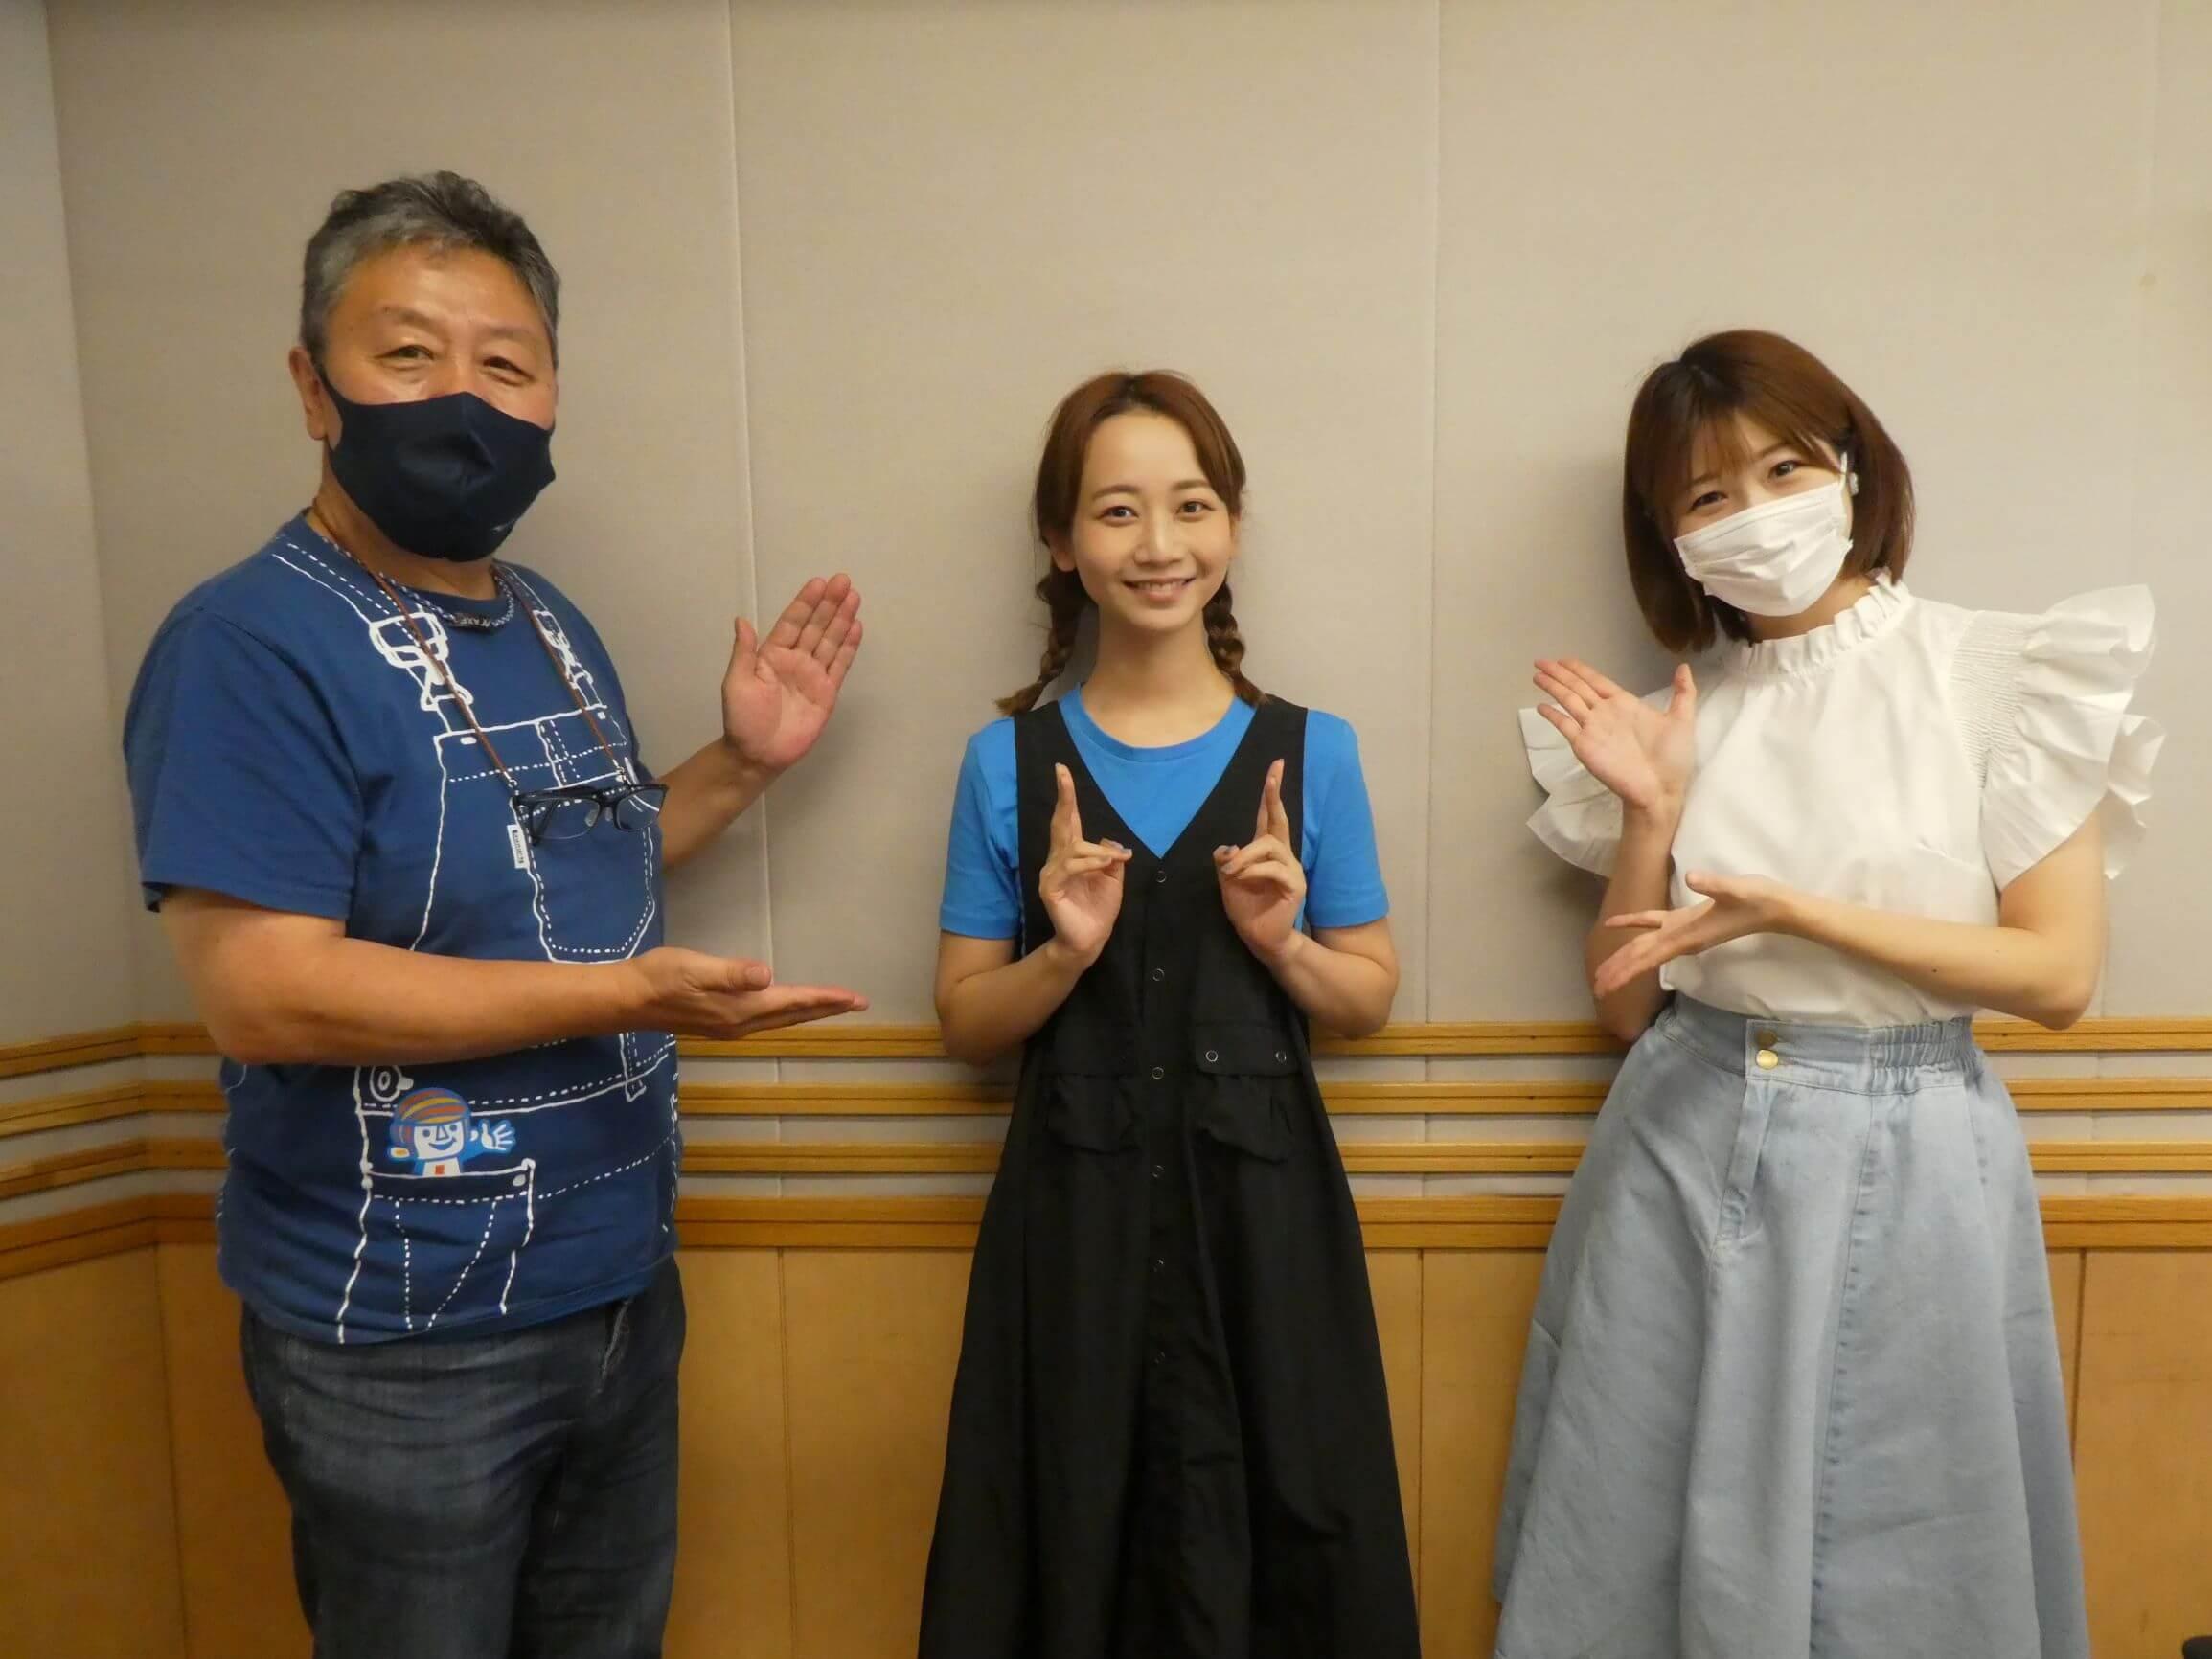 『くにまるジャパン極・極シアター』7月27日(火)のお客様:三戸なつめ さん